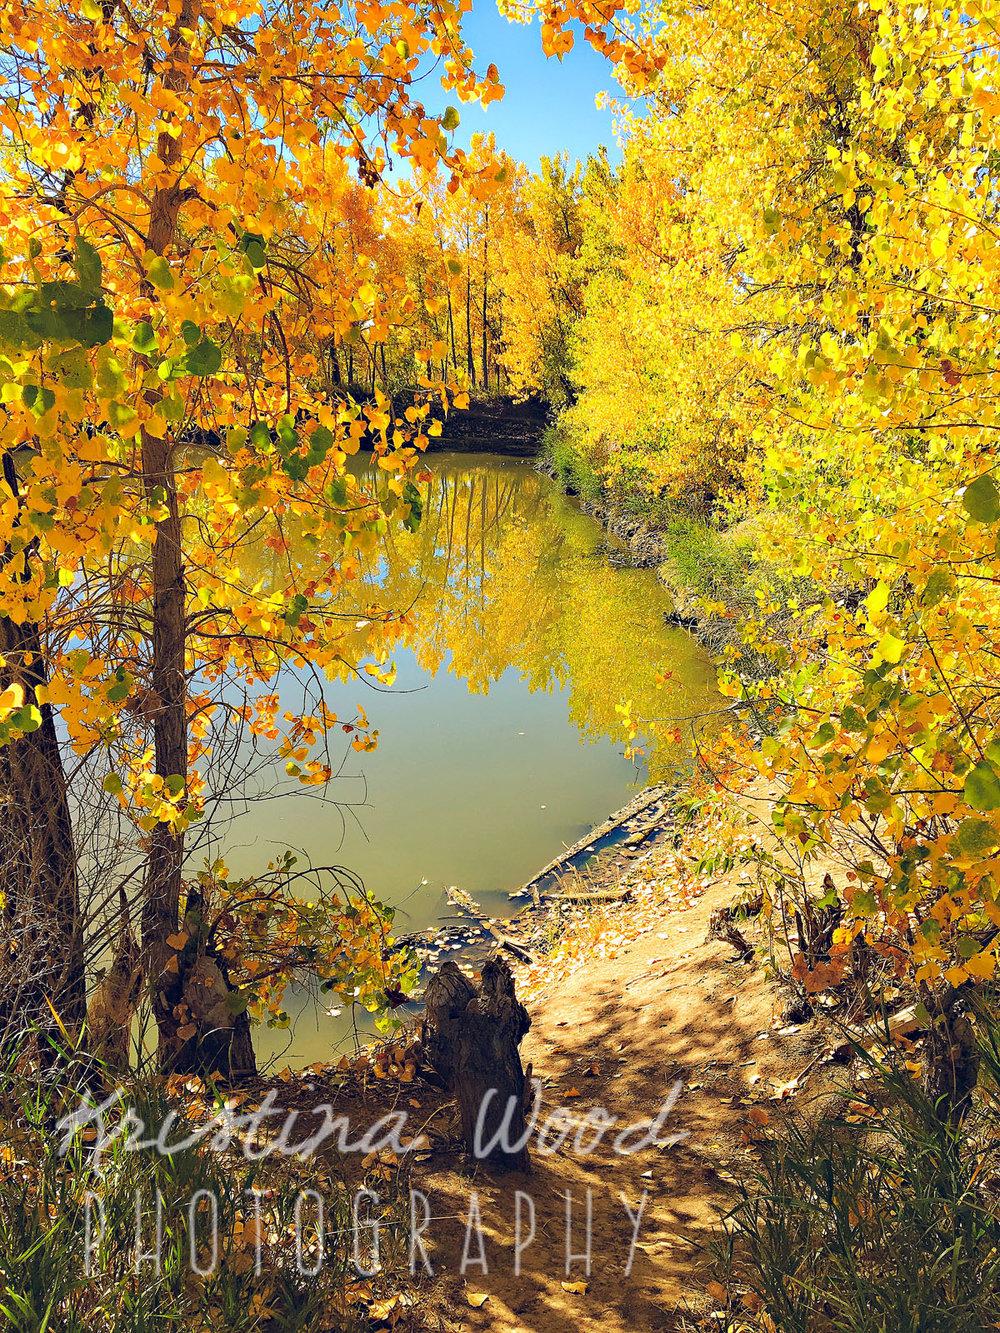 Arapahoe_Bend-Edit.jpg